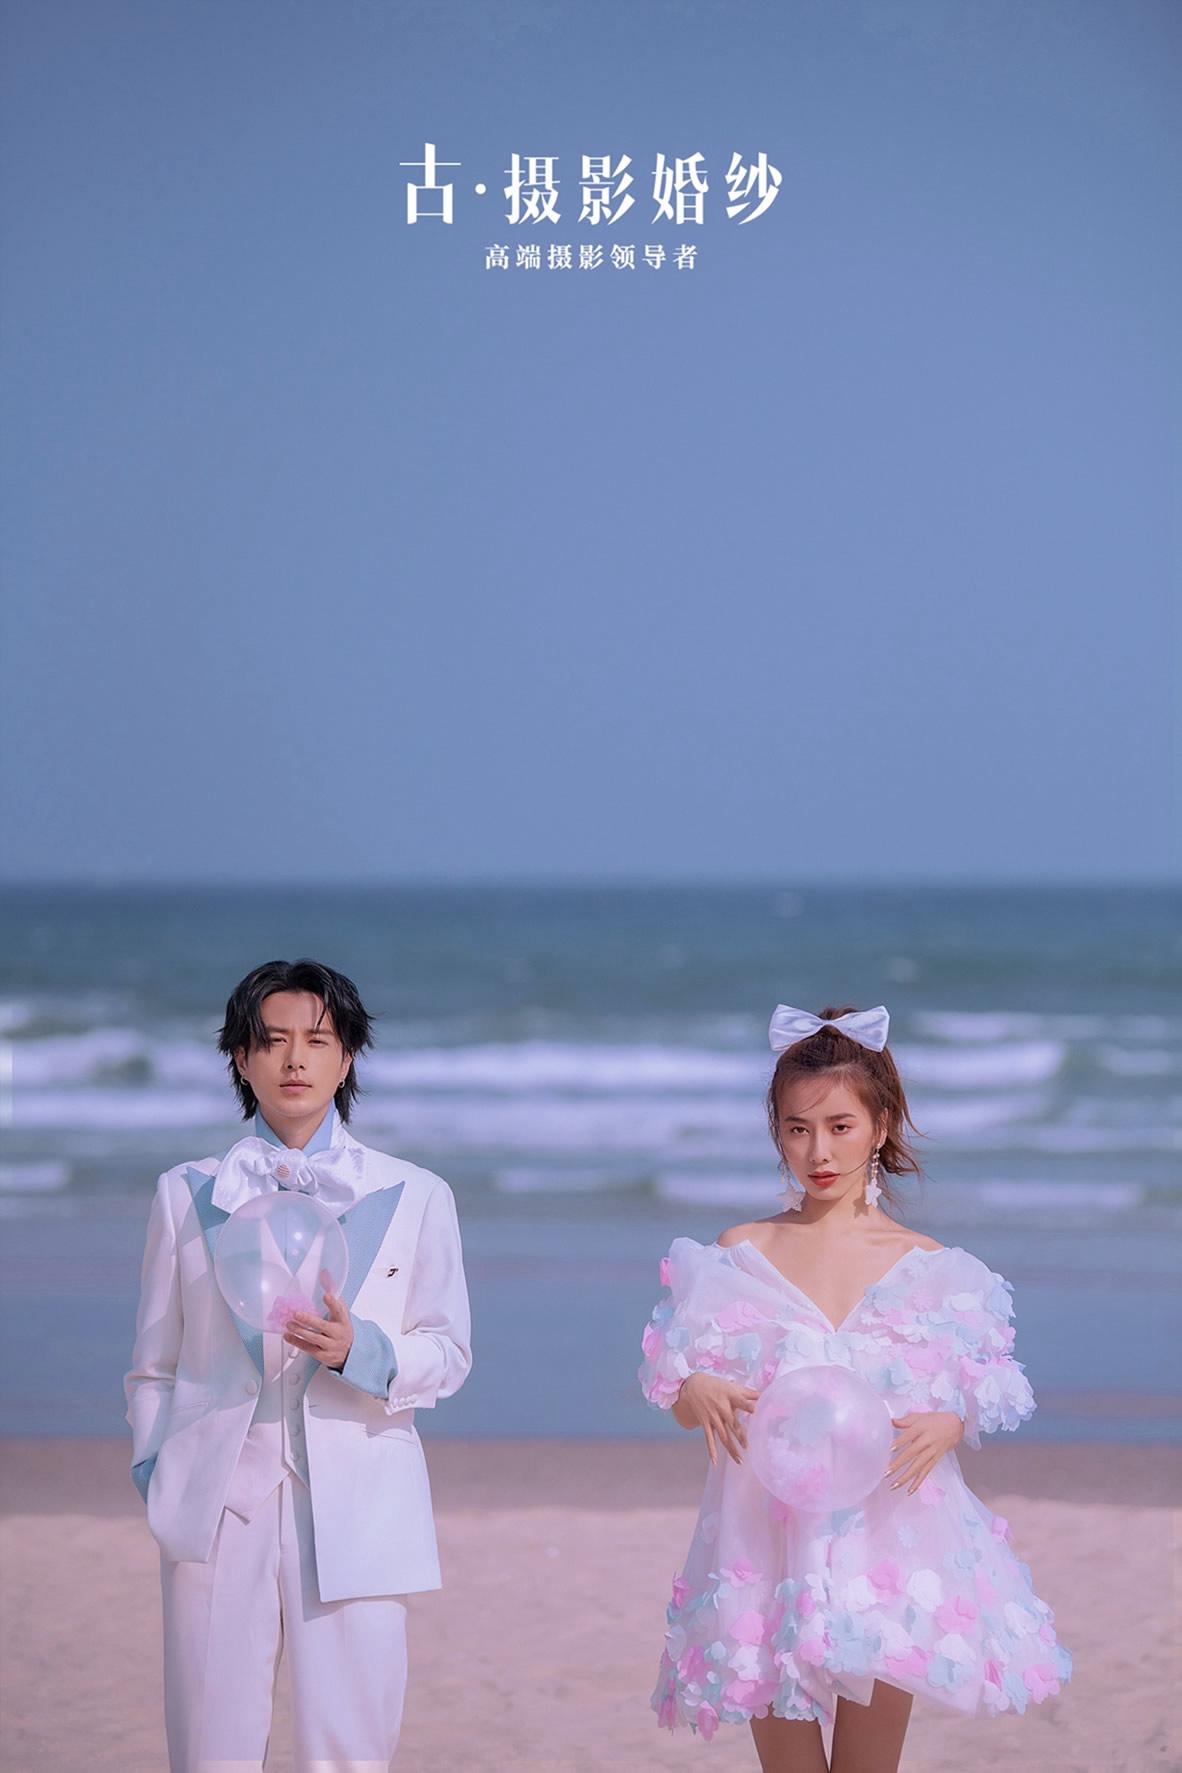 上川岛《樱花海》 - 拍摄地 - 广州婚纱摄影-广州古摄影官网